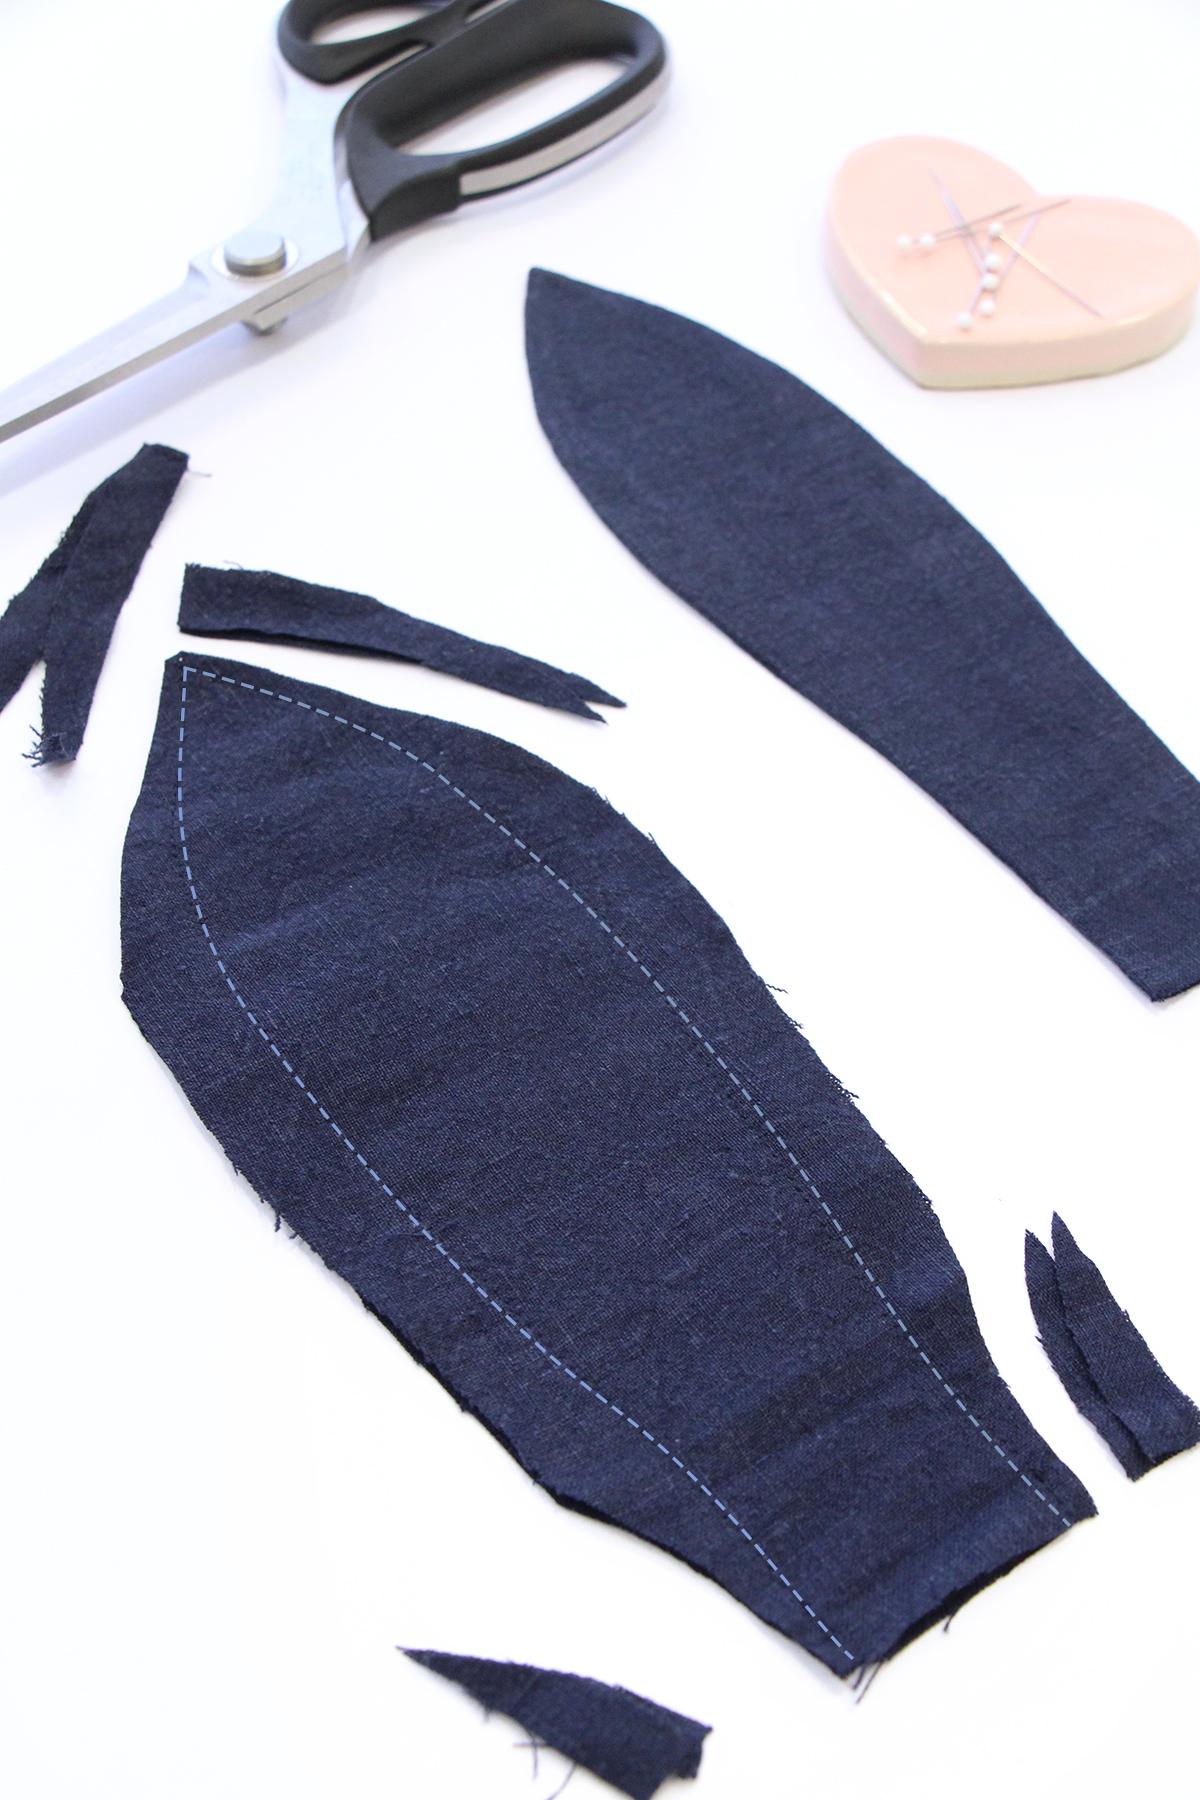 Megan Nielsen Patterns   Matilda Sewalong: Matching Set Hack   Sewing, Trimming & Turning Your Ties